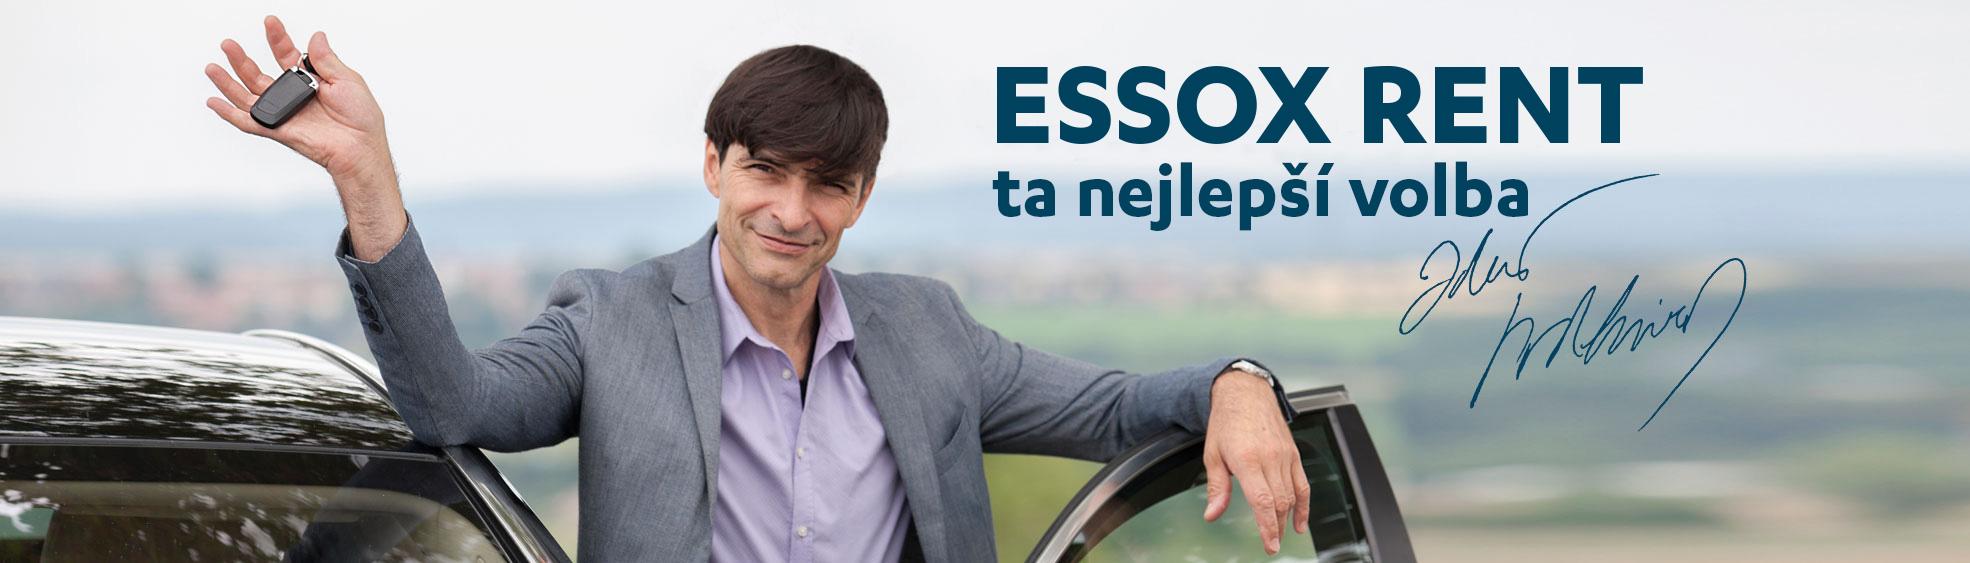 Essox Rent - Ta nejlepší volba slide 0